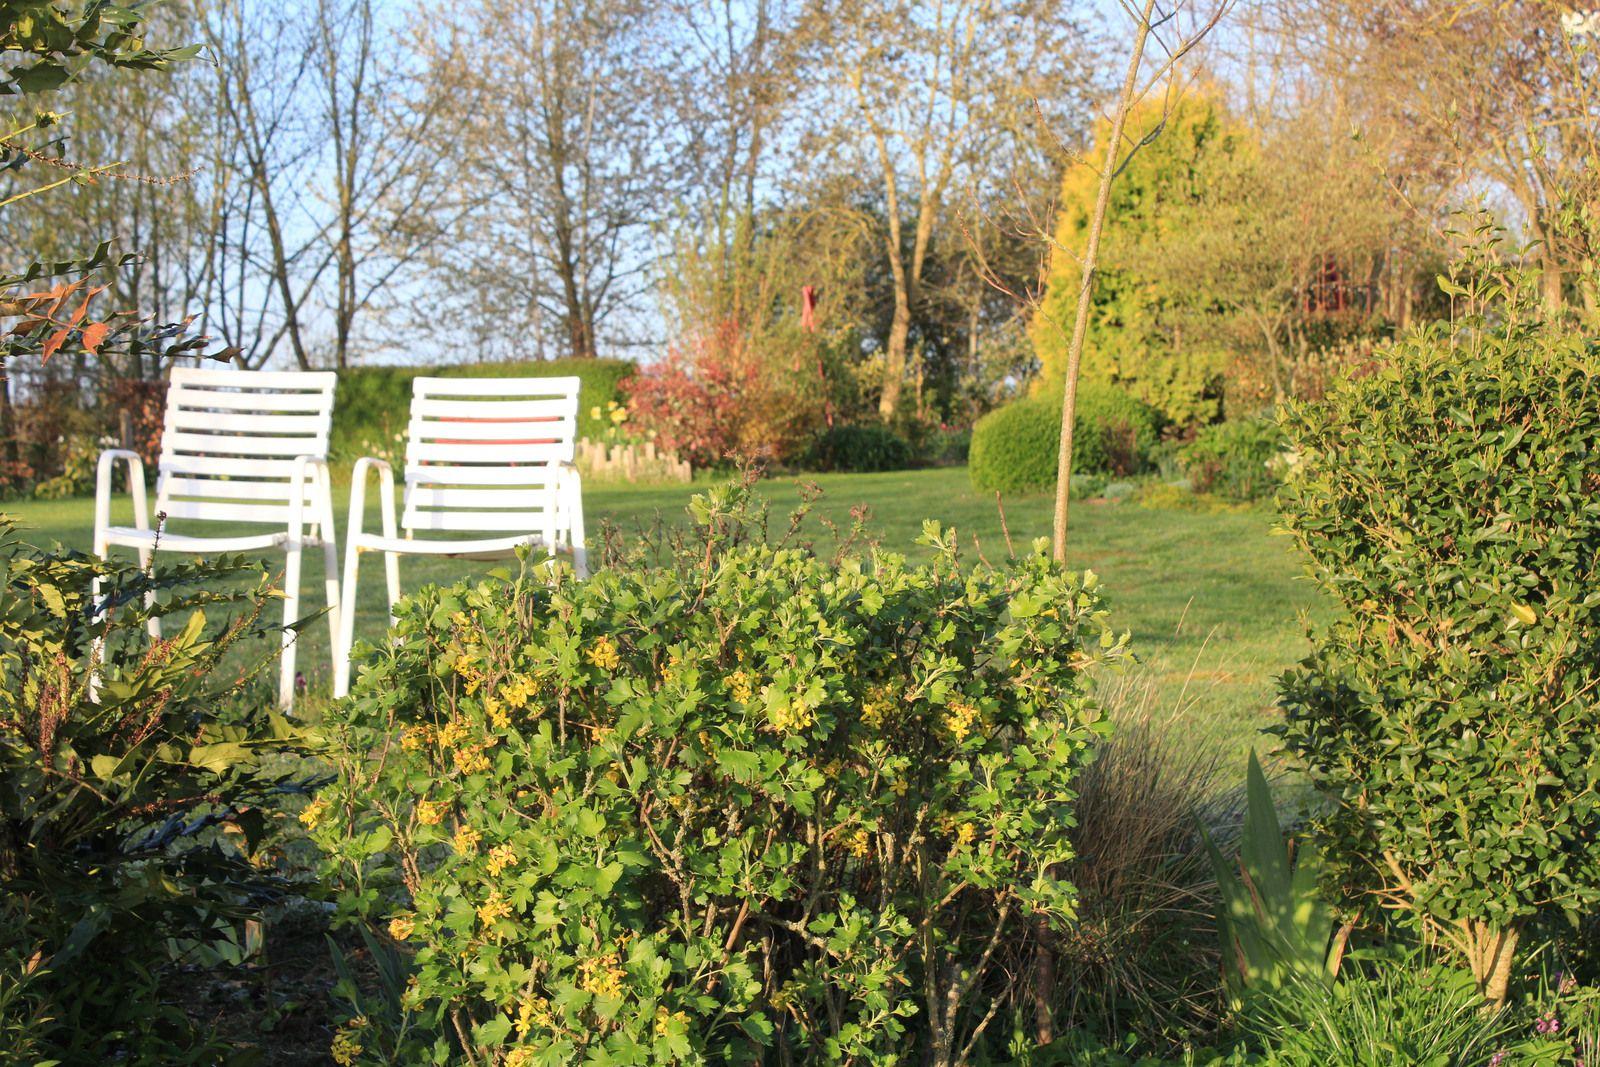 Les arbres ont la première place, ce sont eux son squelette, sa structure. Les fauteuils nombreux dans le jardin pour se poser respirer méditer ...faire rien!